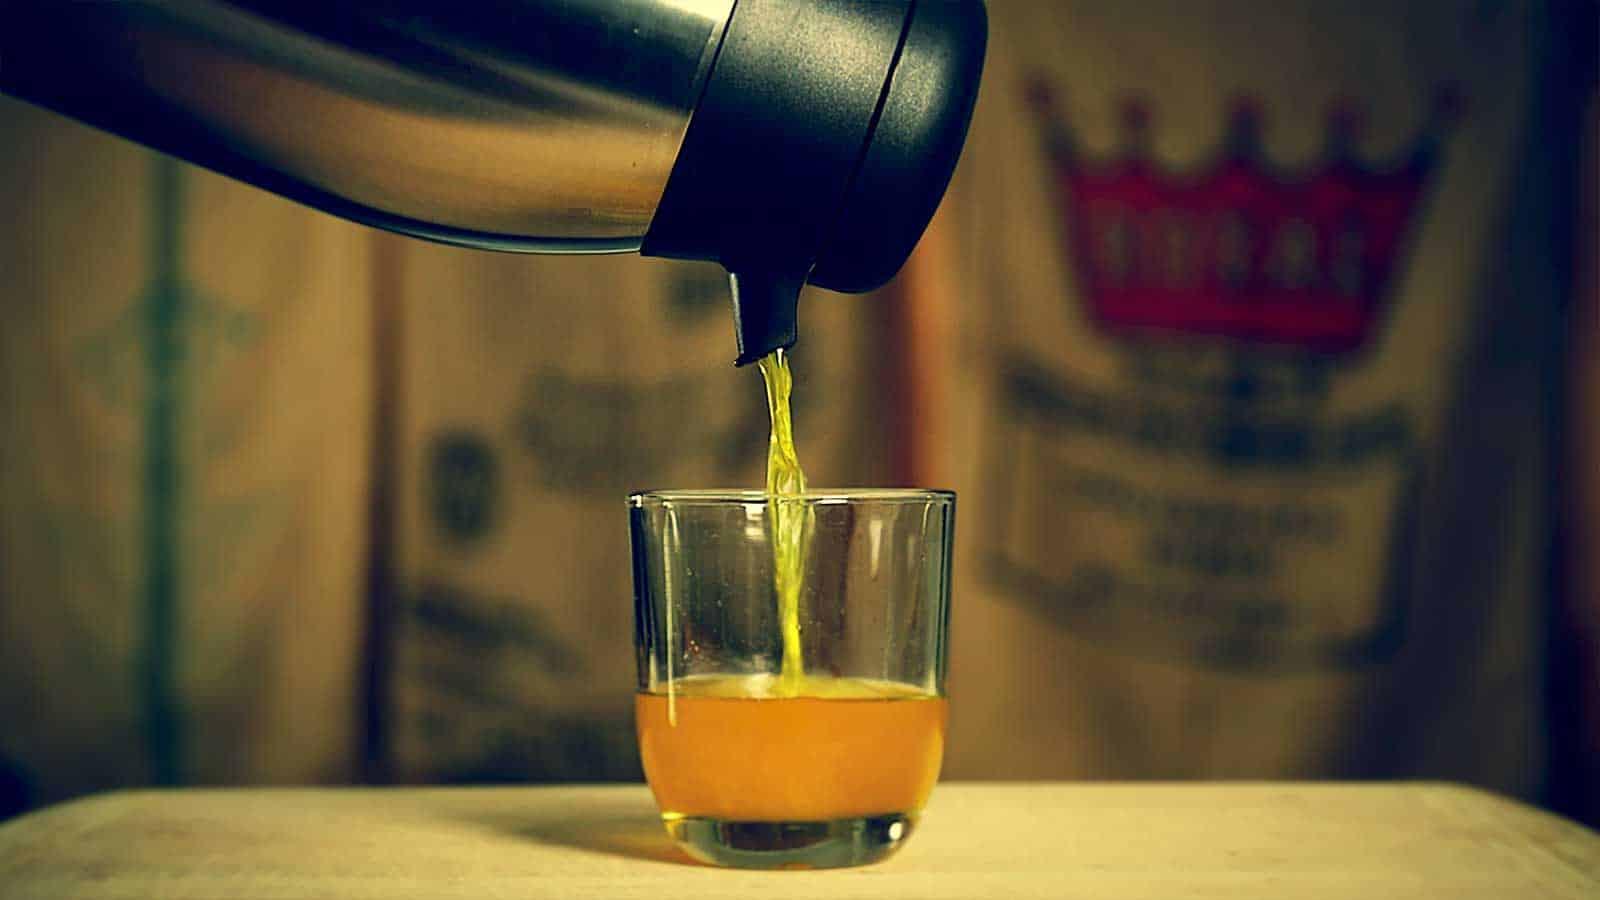 Purk: The Green Coffee Pioneers | Video By Kulture Digital